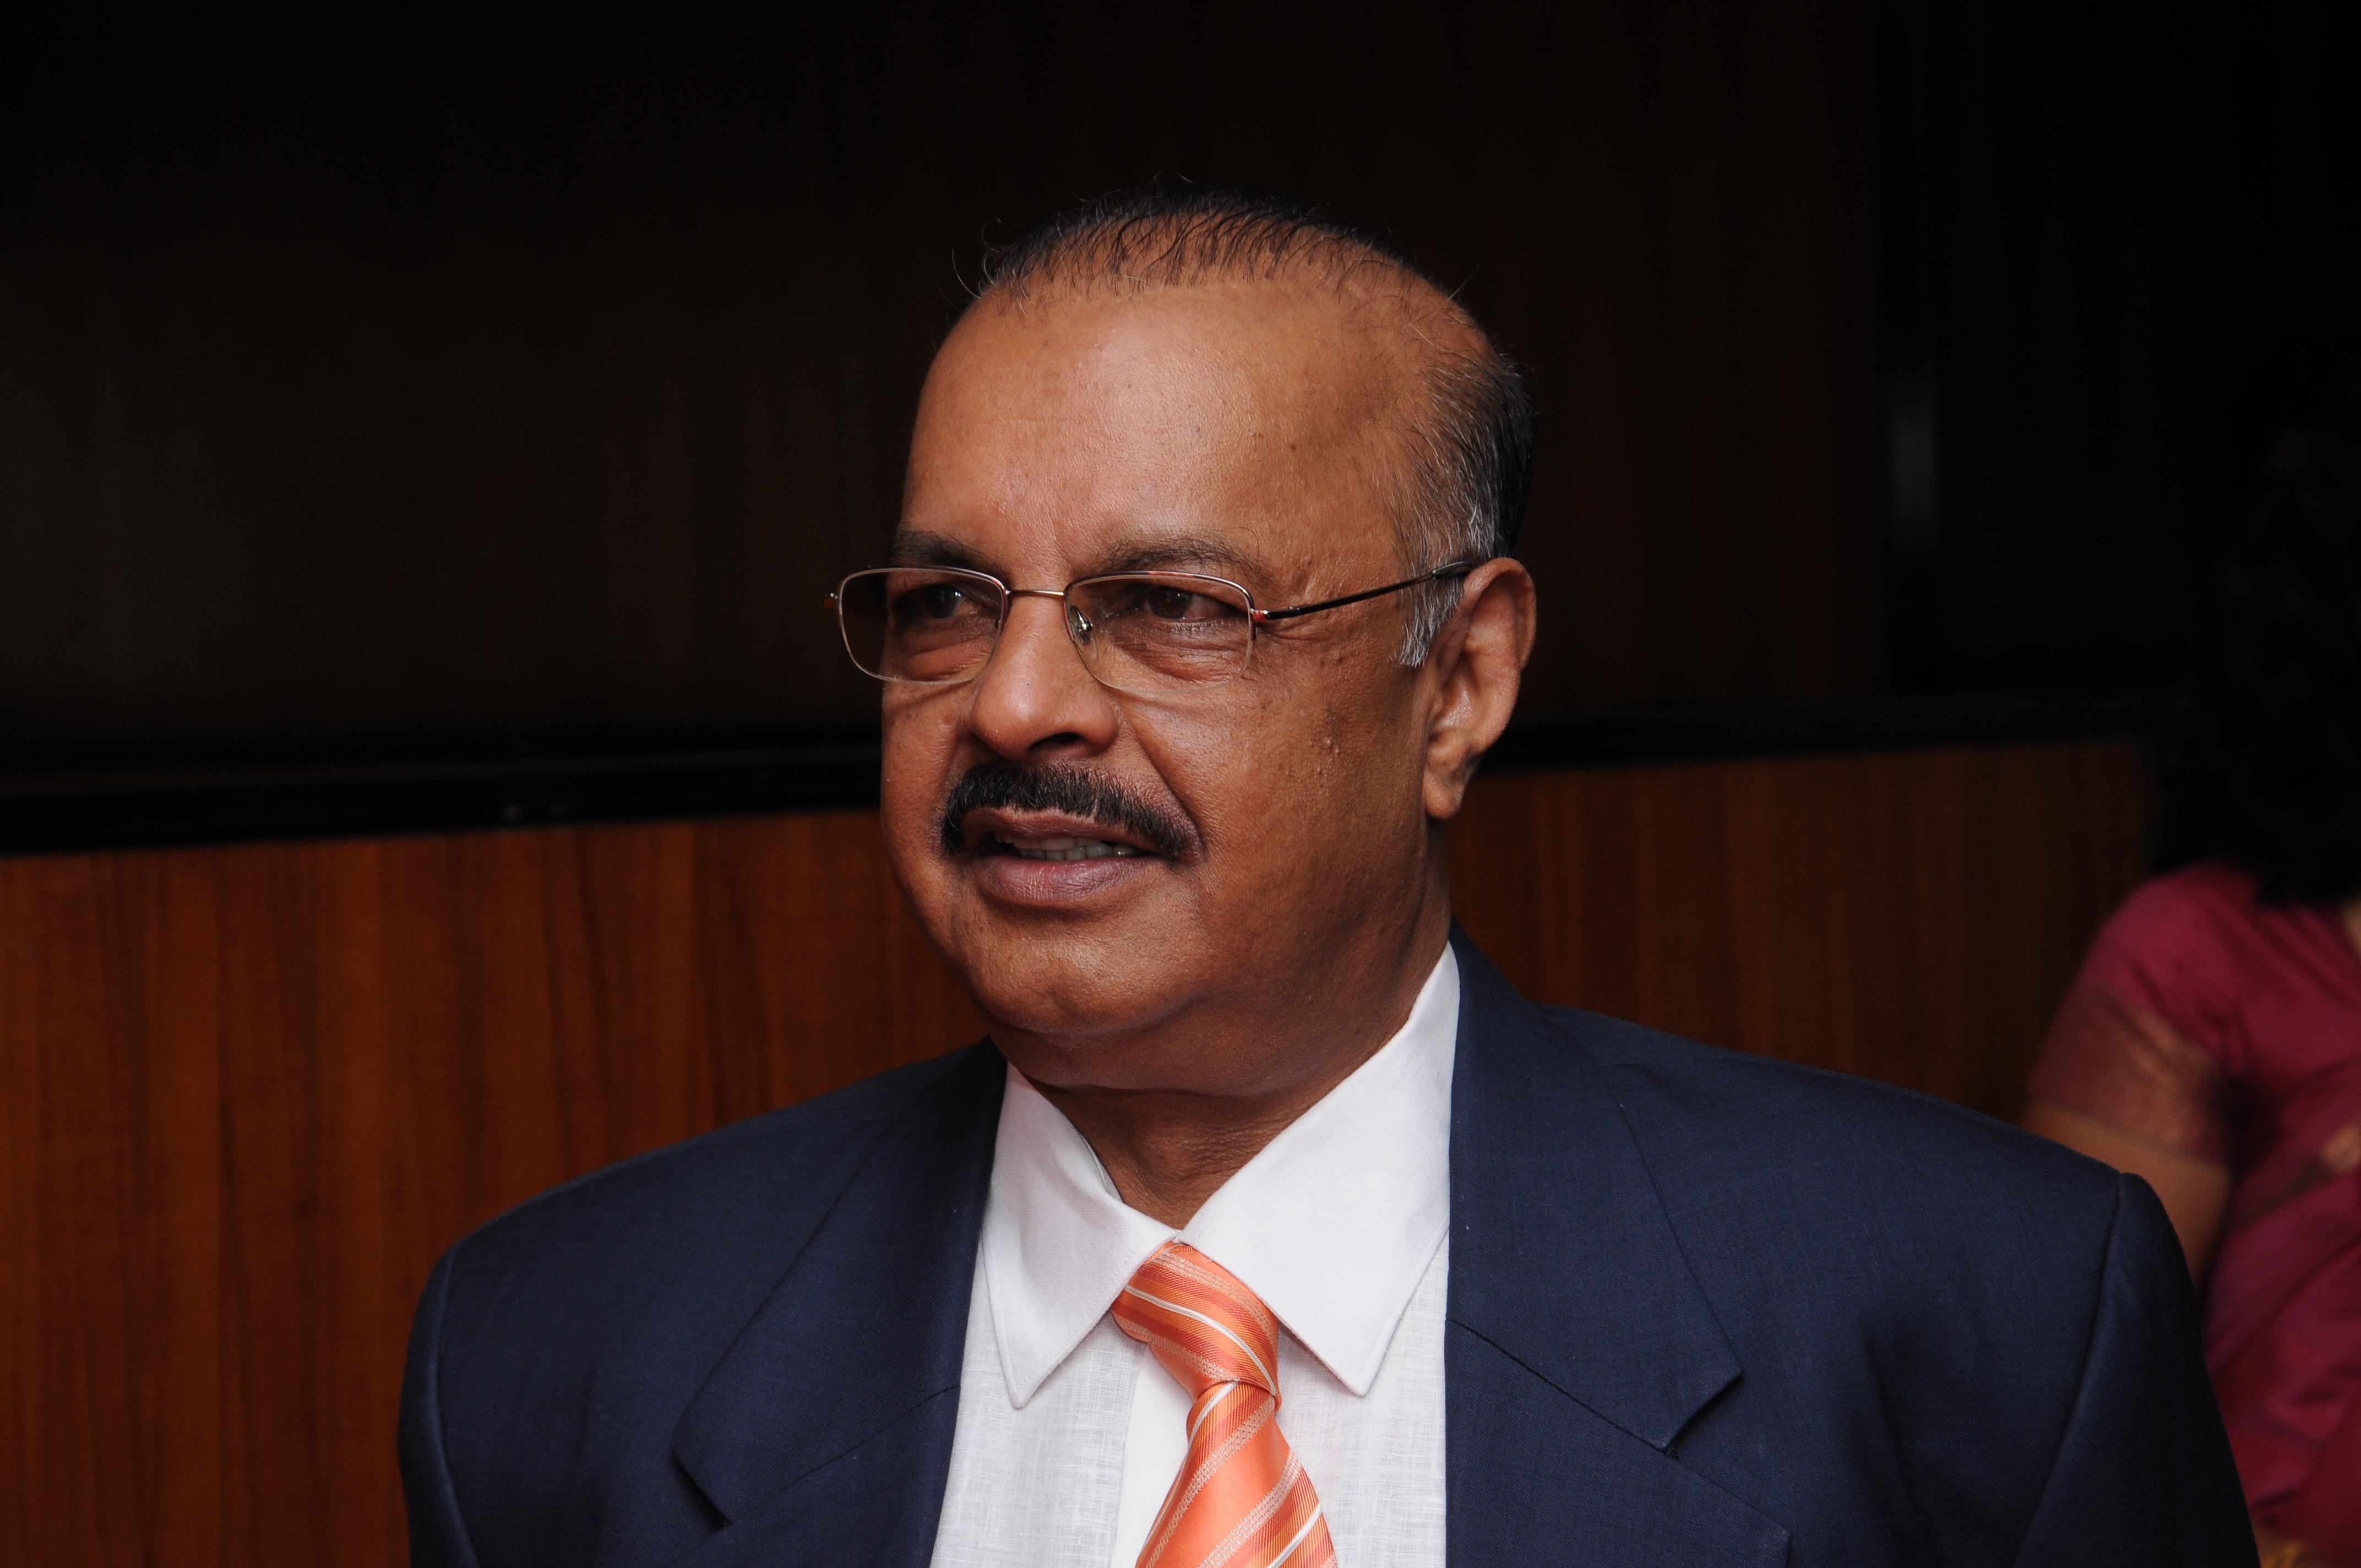 dr-muhammed-majeed-founder-chairman-sami_sabinsa-group-3